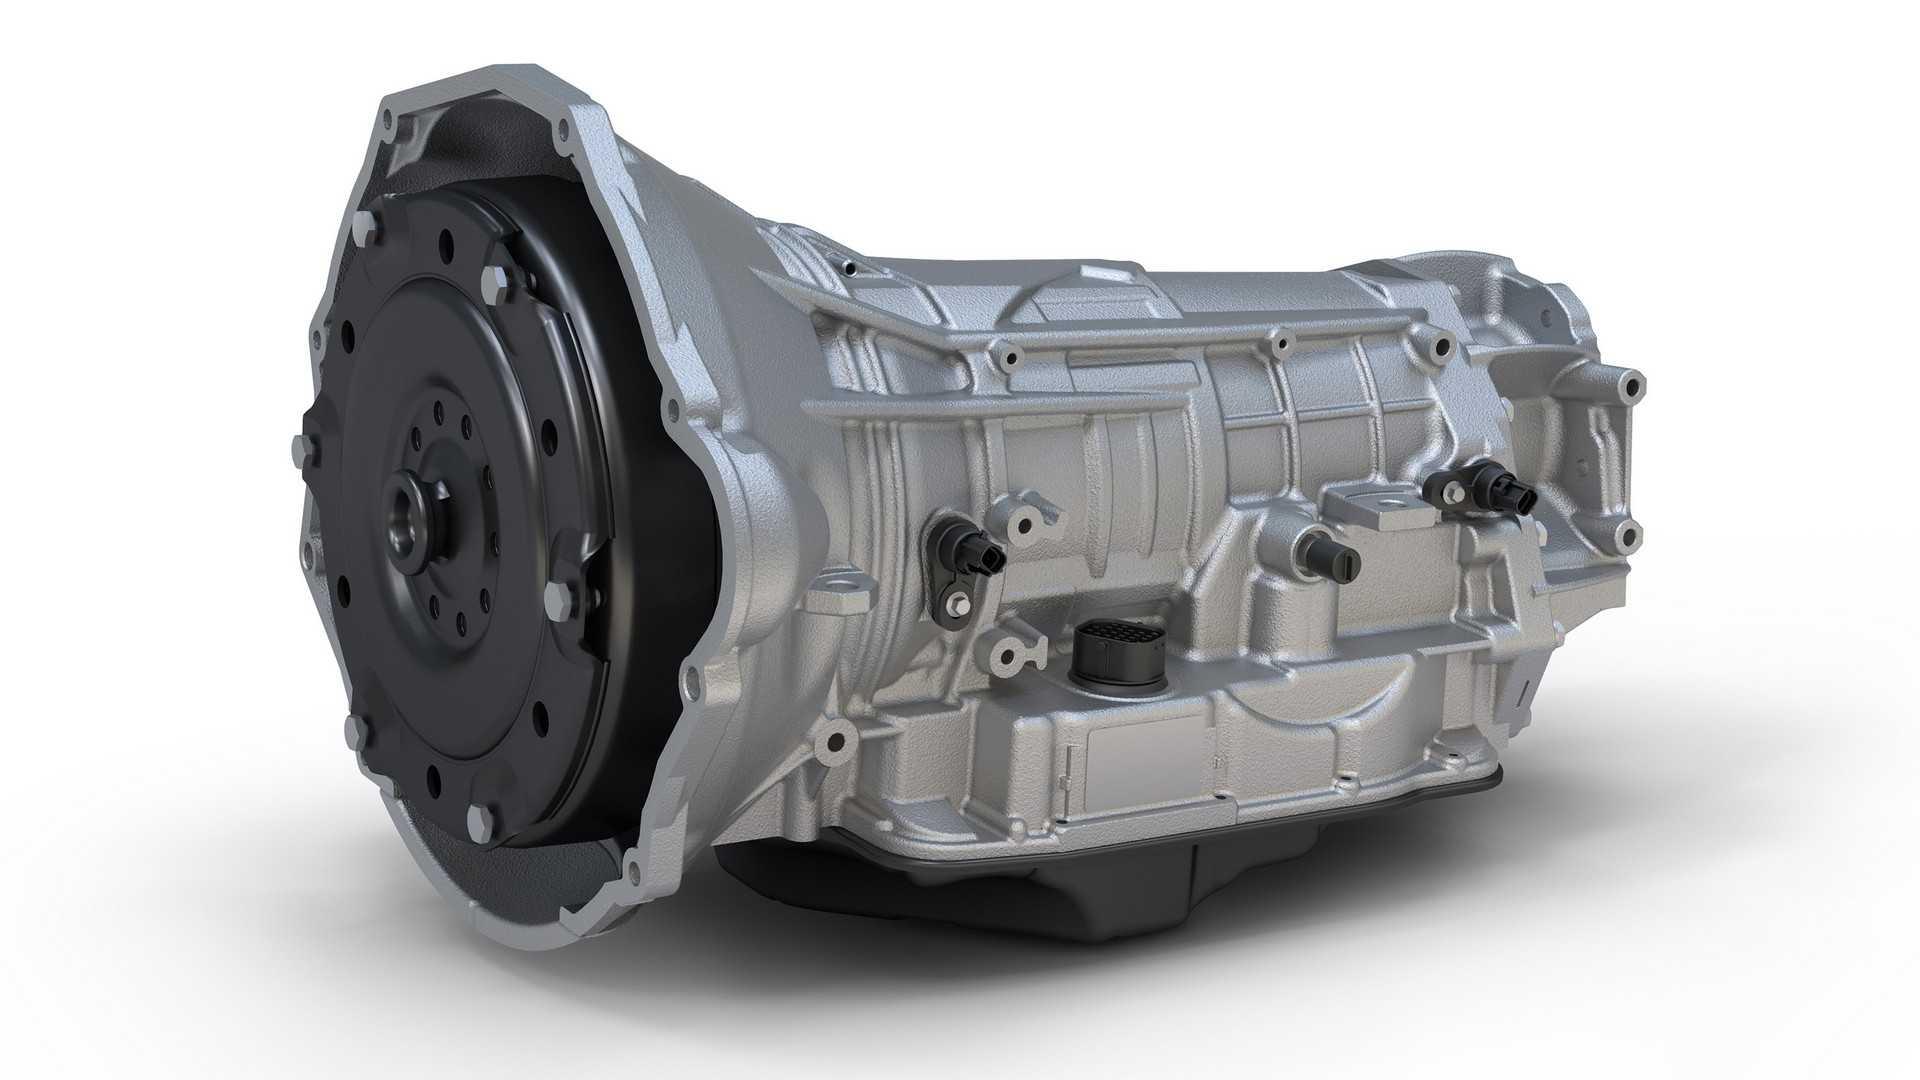 2019-ram-heavy-duty-powertrain-technologies (3)